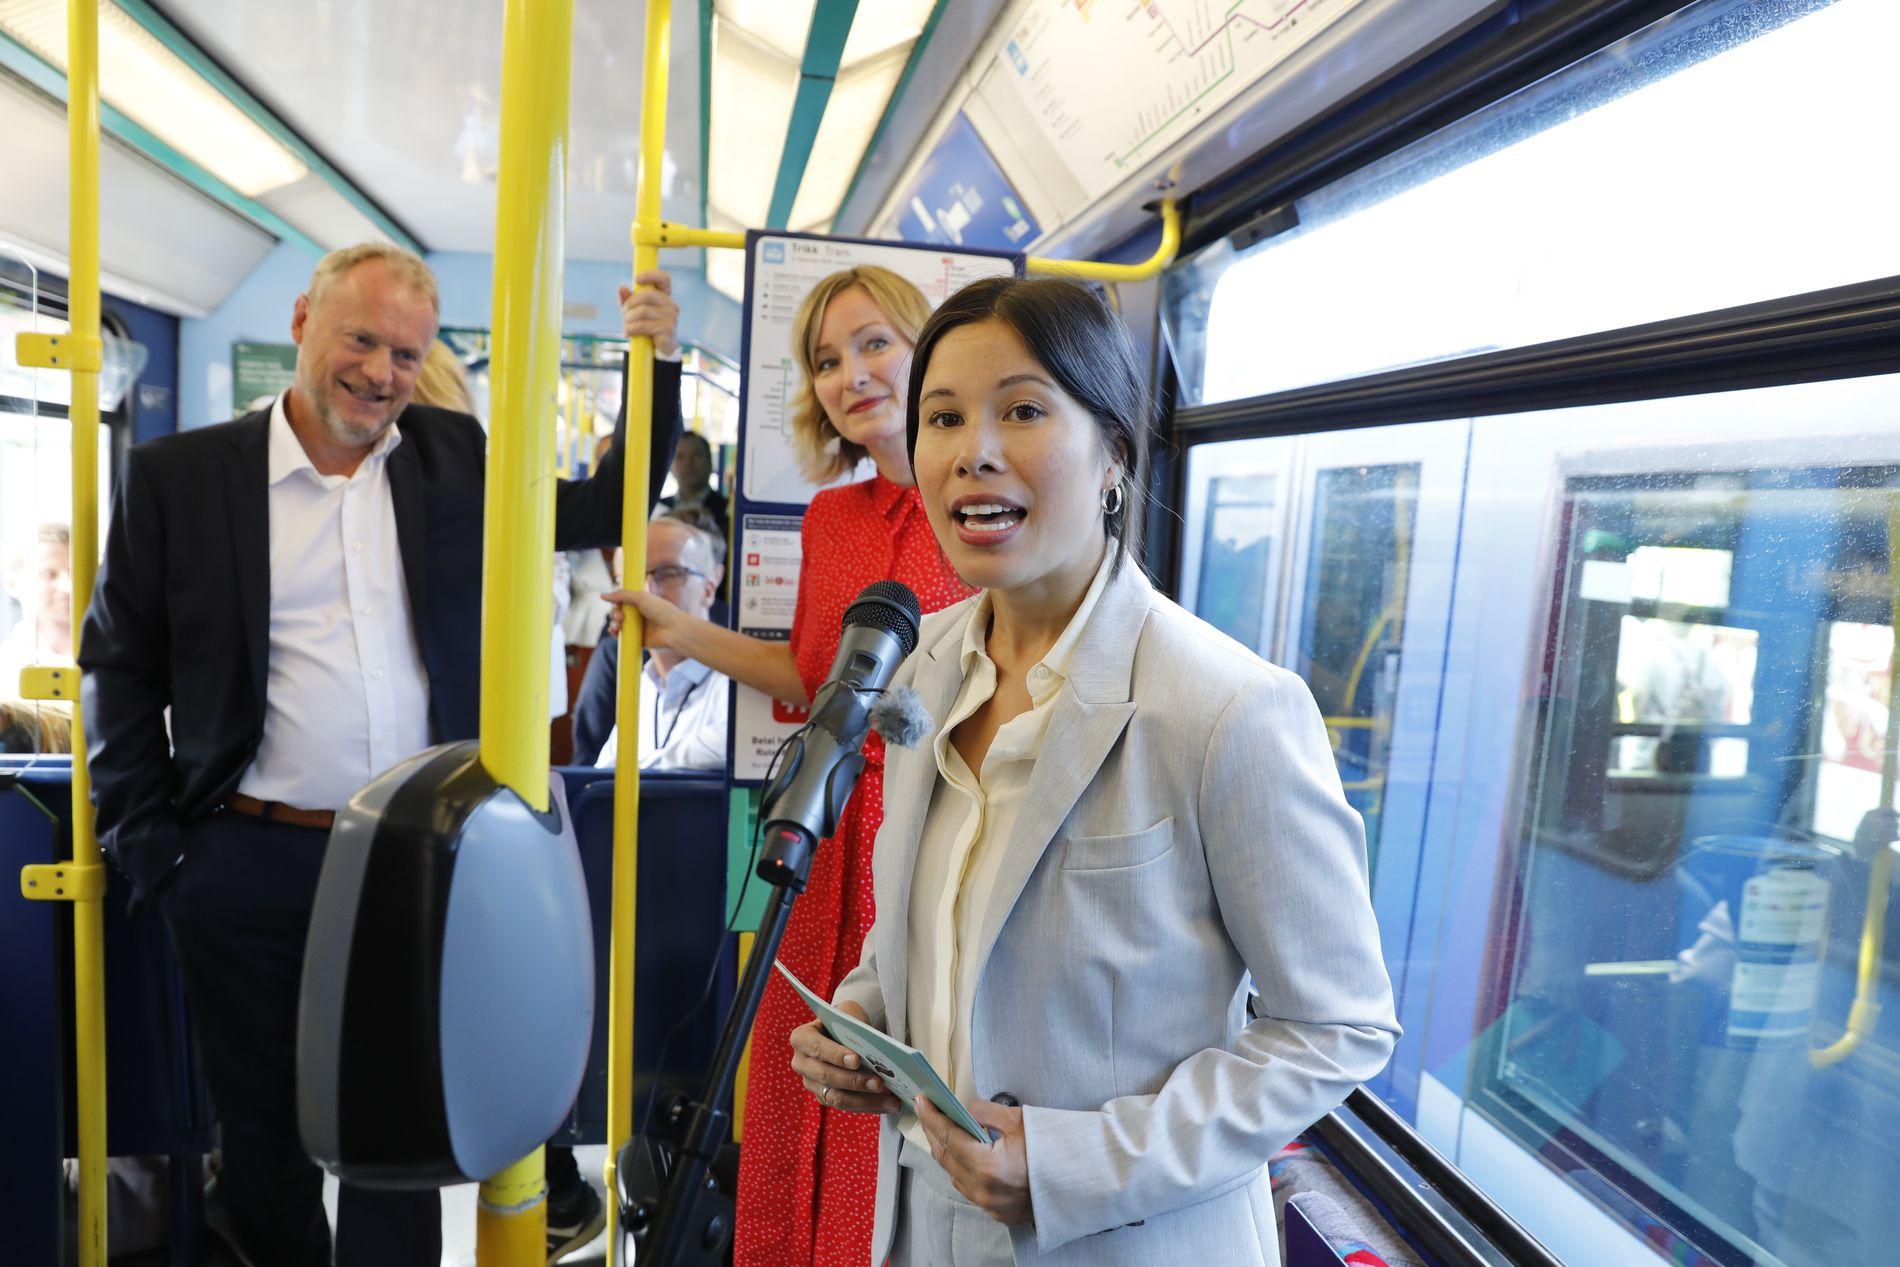 TRESPANN: Raymond Johansen, Inga Marte Thorkildsen og Lan Marie Nguyen Berg lanserer av Oslos nye klimastrategi.